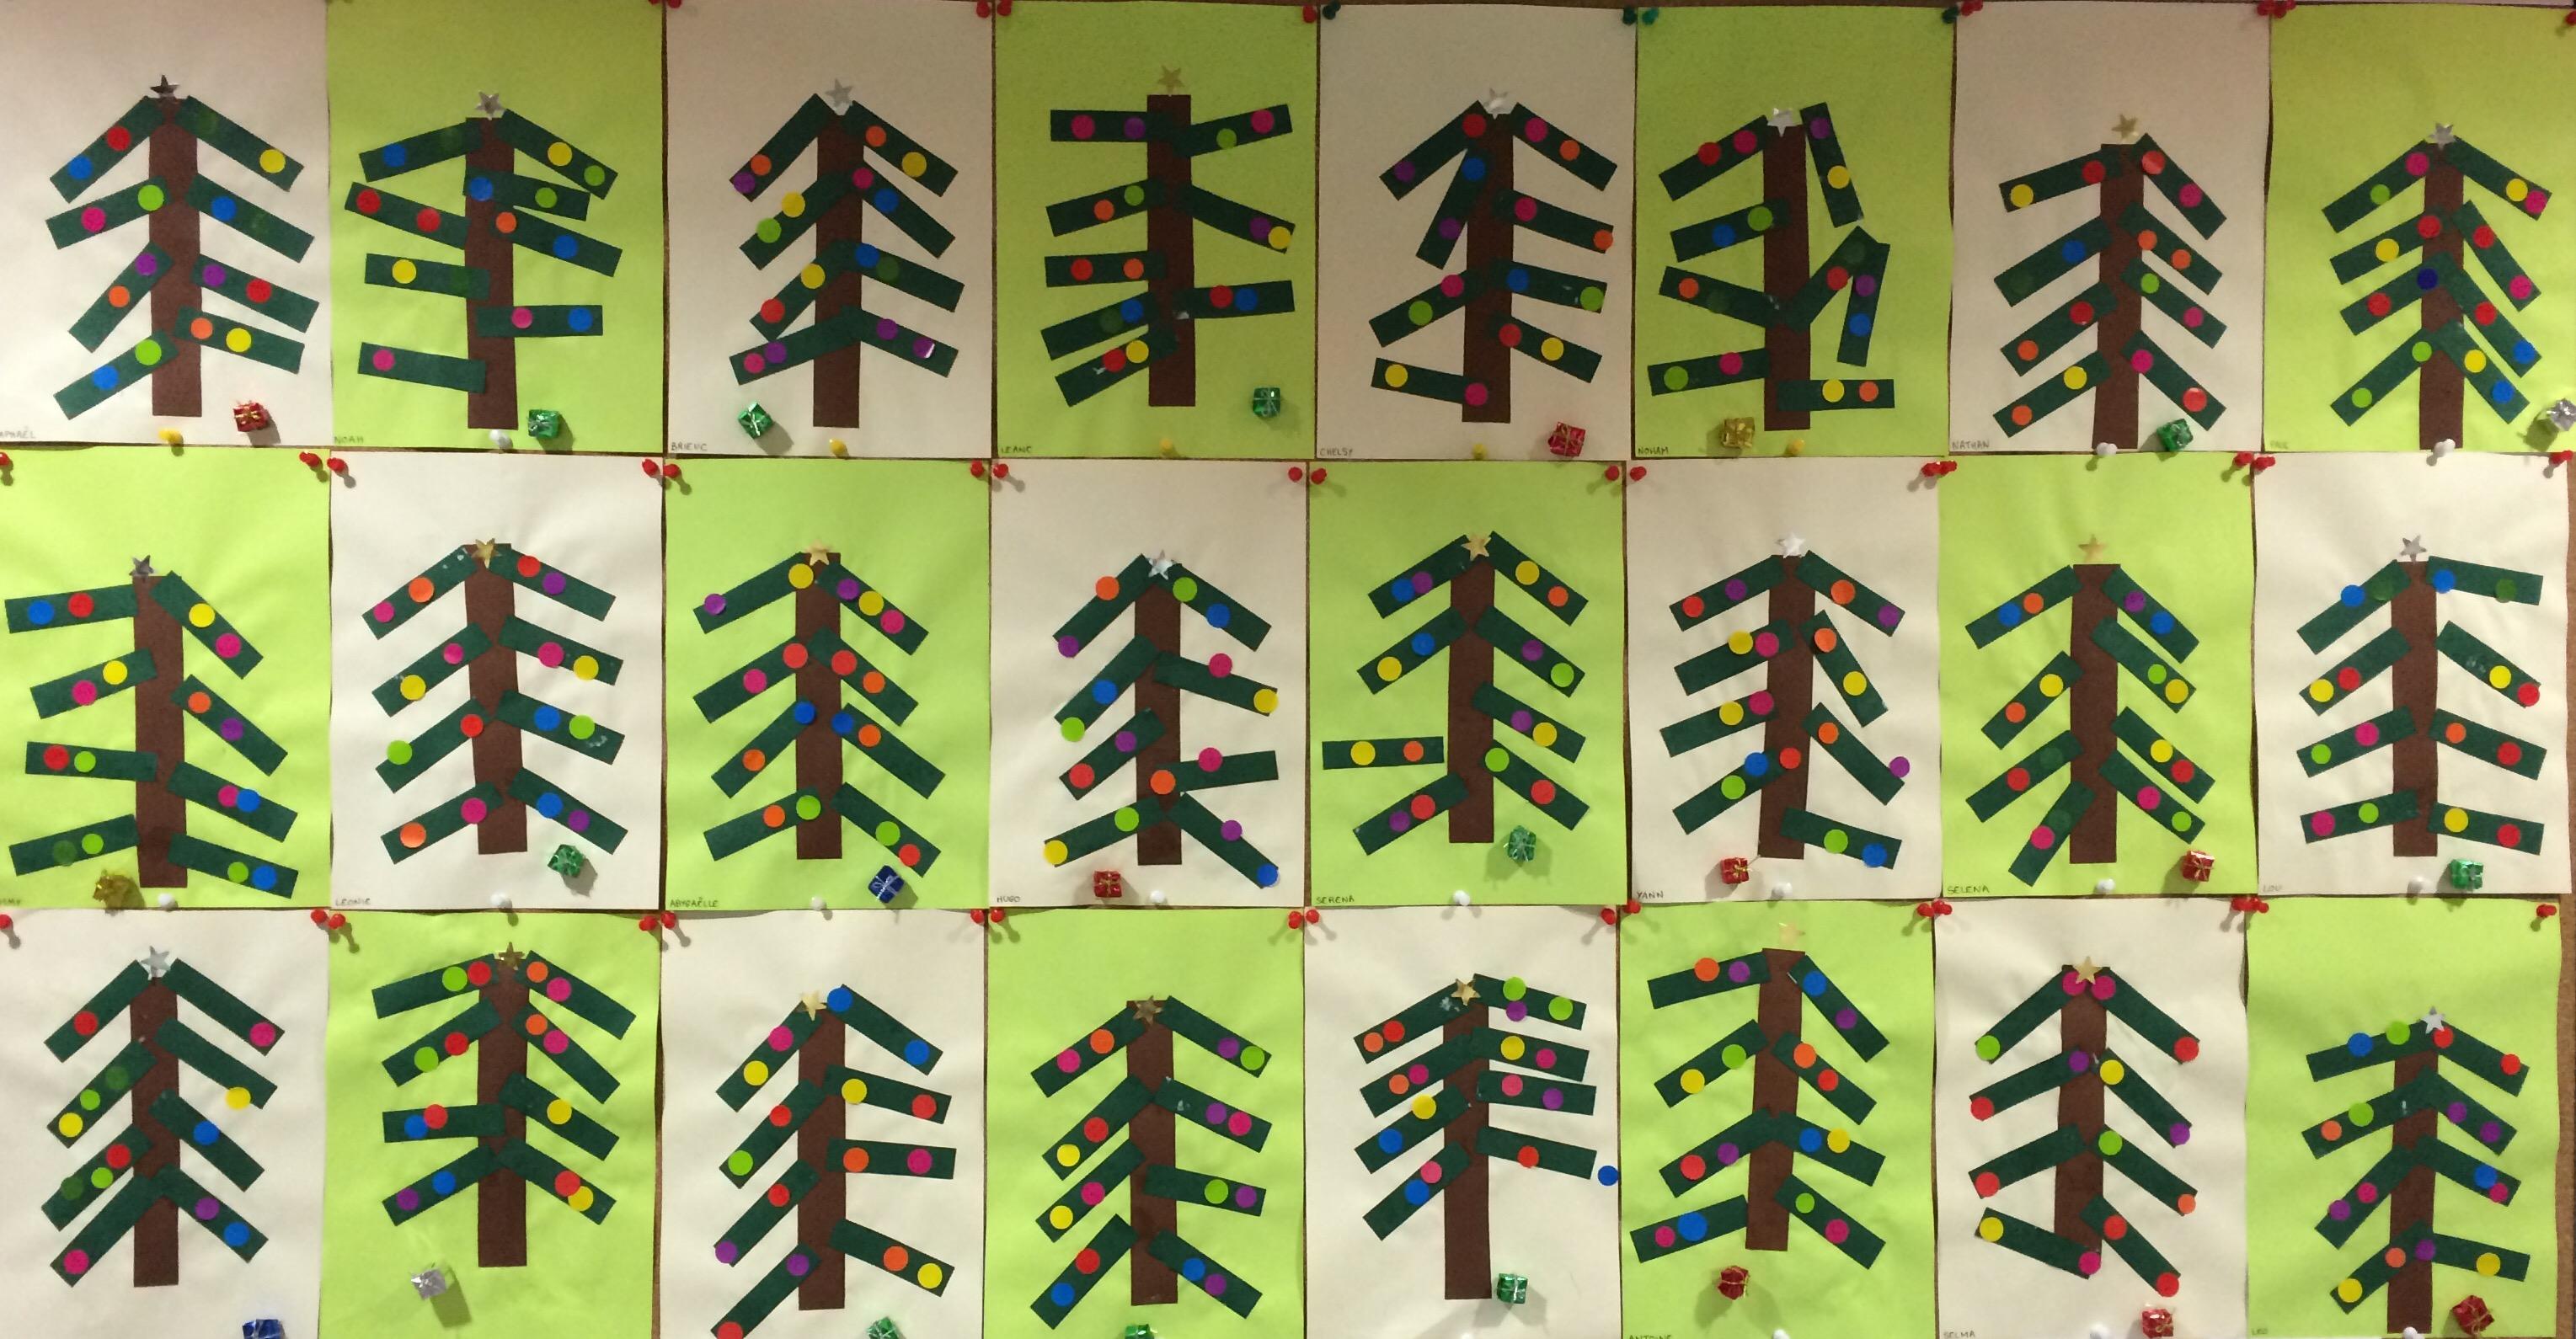 #839B30 Pour Le Plaisir Des Yeux Ecole Primaire Caroline  6075 décoration de noel tps/ps 3058x1590 px @ aertt.com